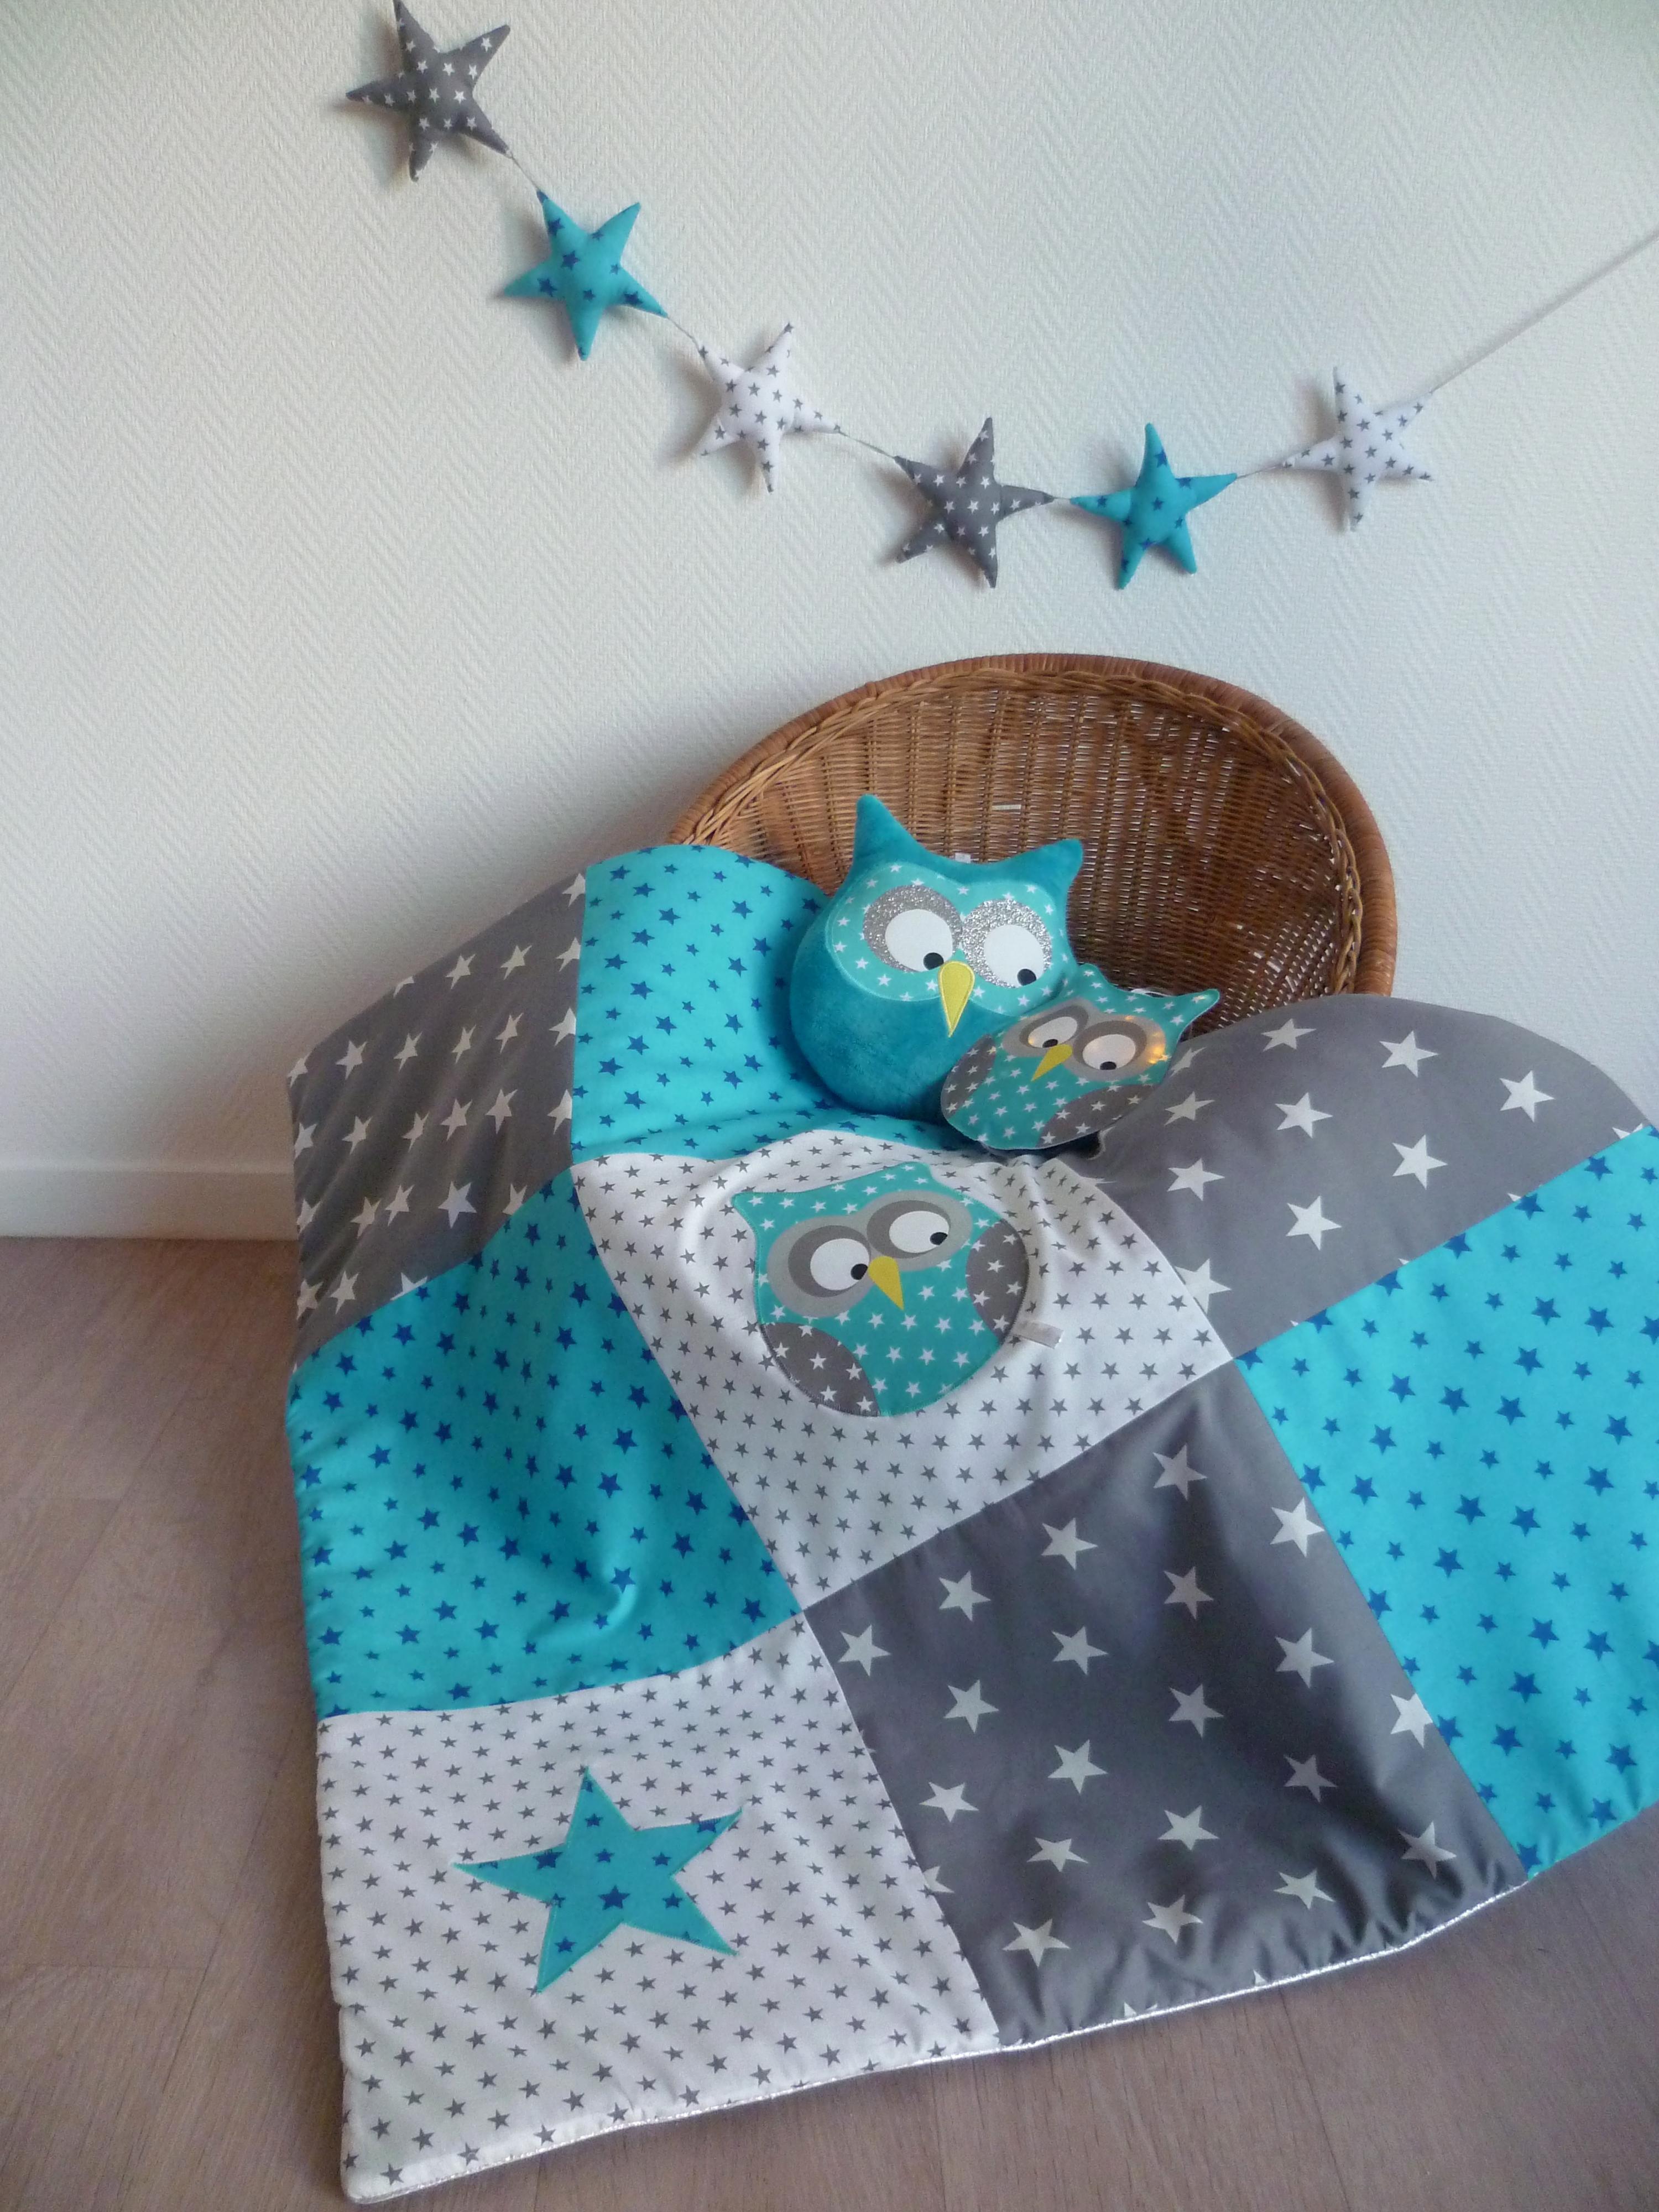 couverture hibou patchwork bleu guili gribouilli linge de lit et de d co pour enfant. Black Bedroom Furniture Sets. Home Design Ideas